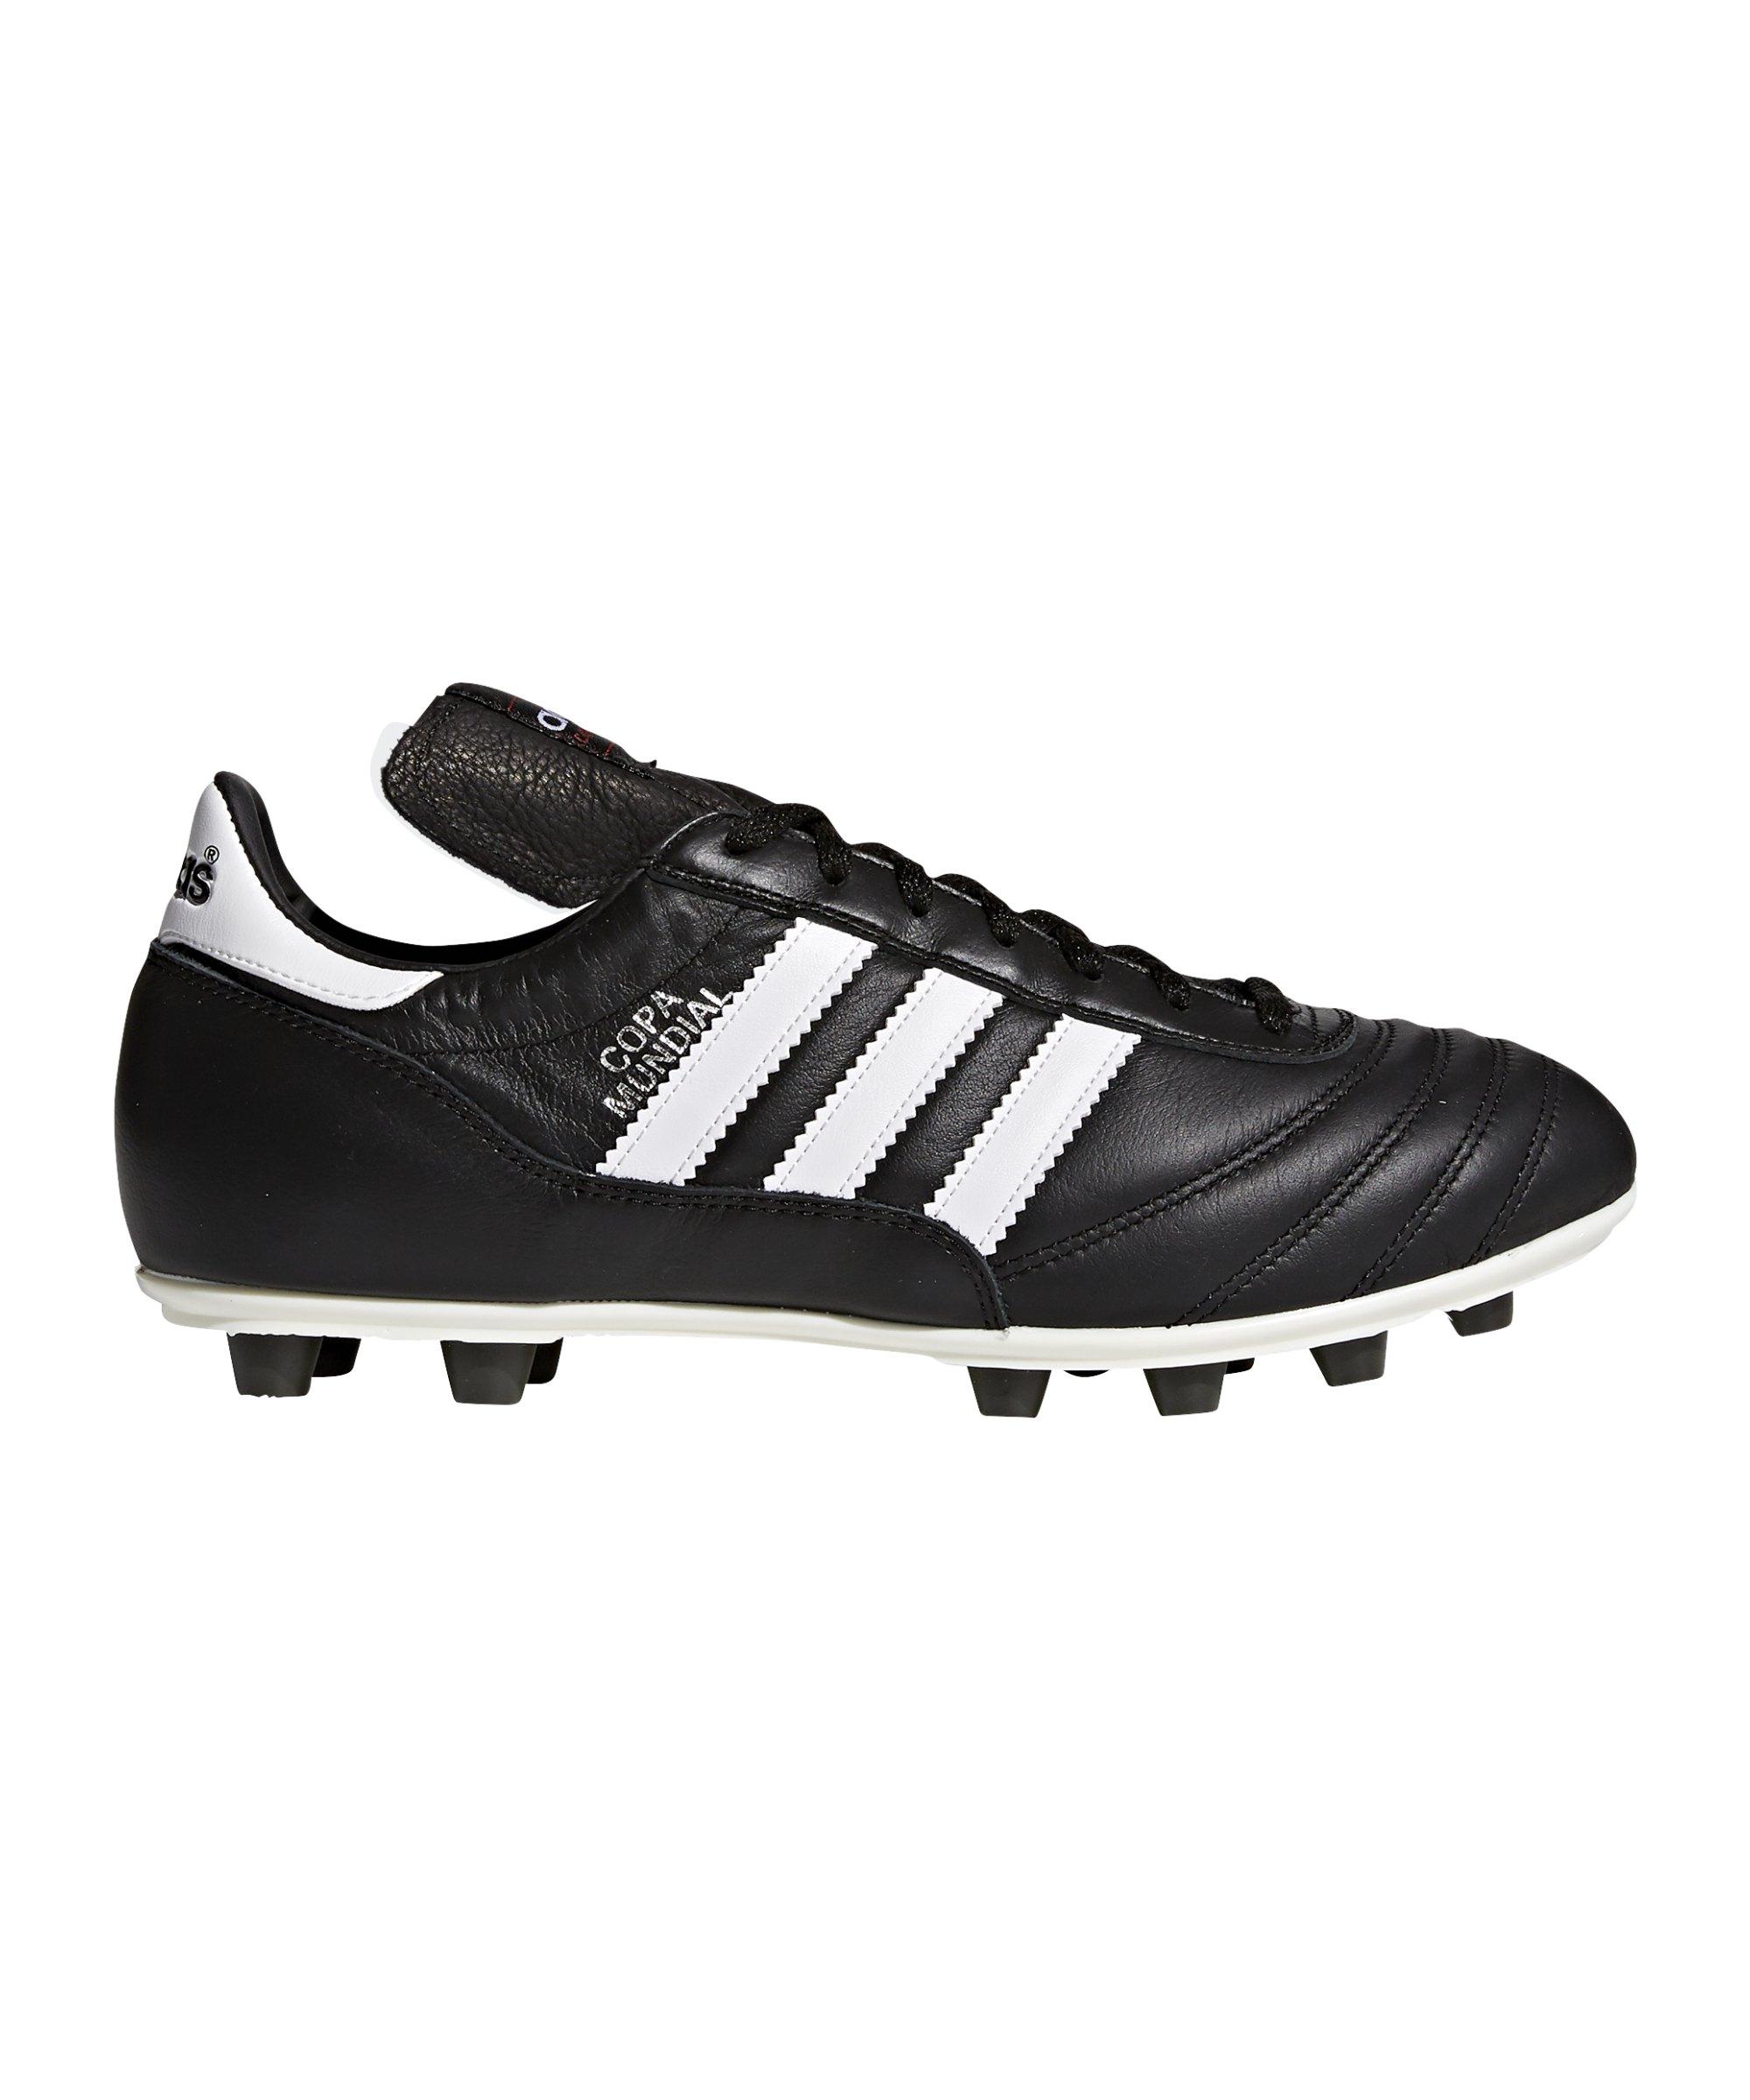 5e6dd0a1357f ... official adidas copa mundial fg schwarz weiss schwarz 4375a 8389d